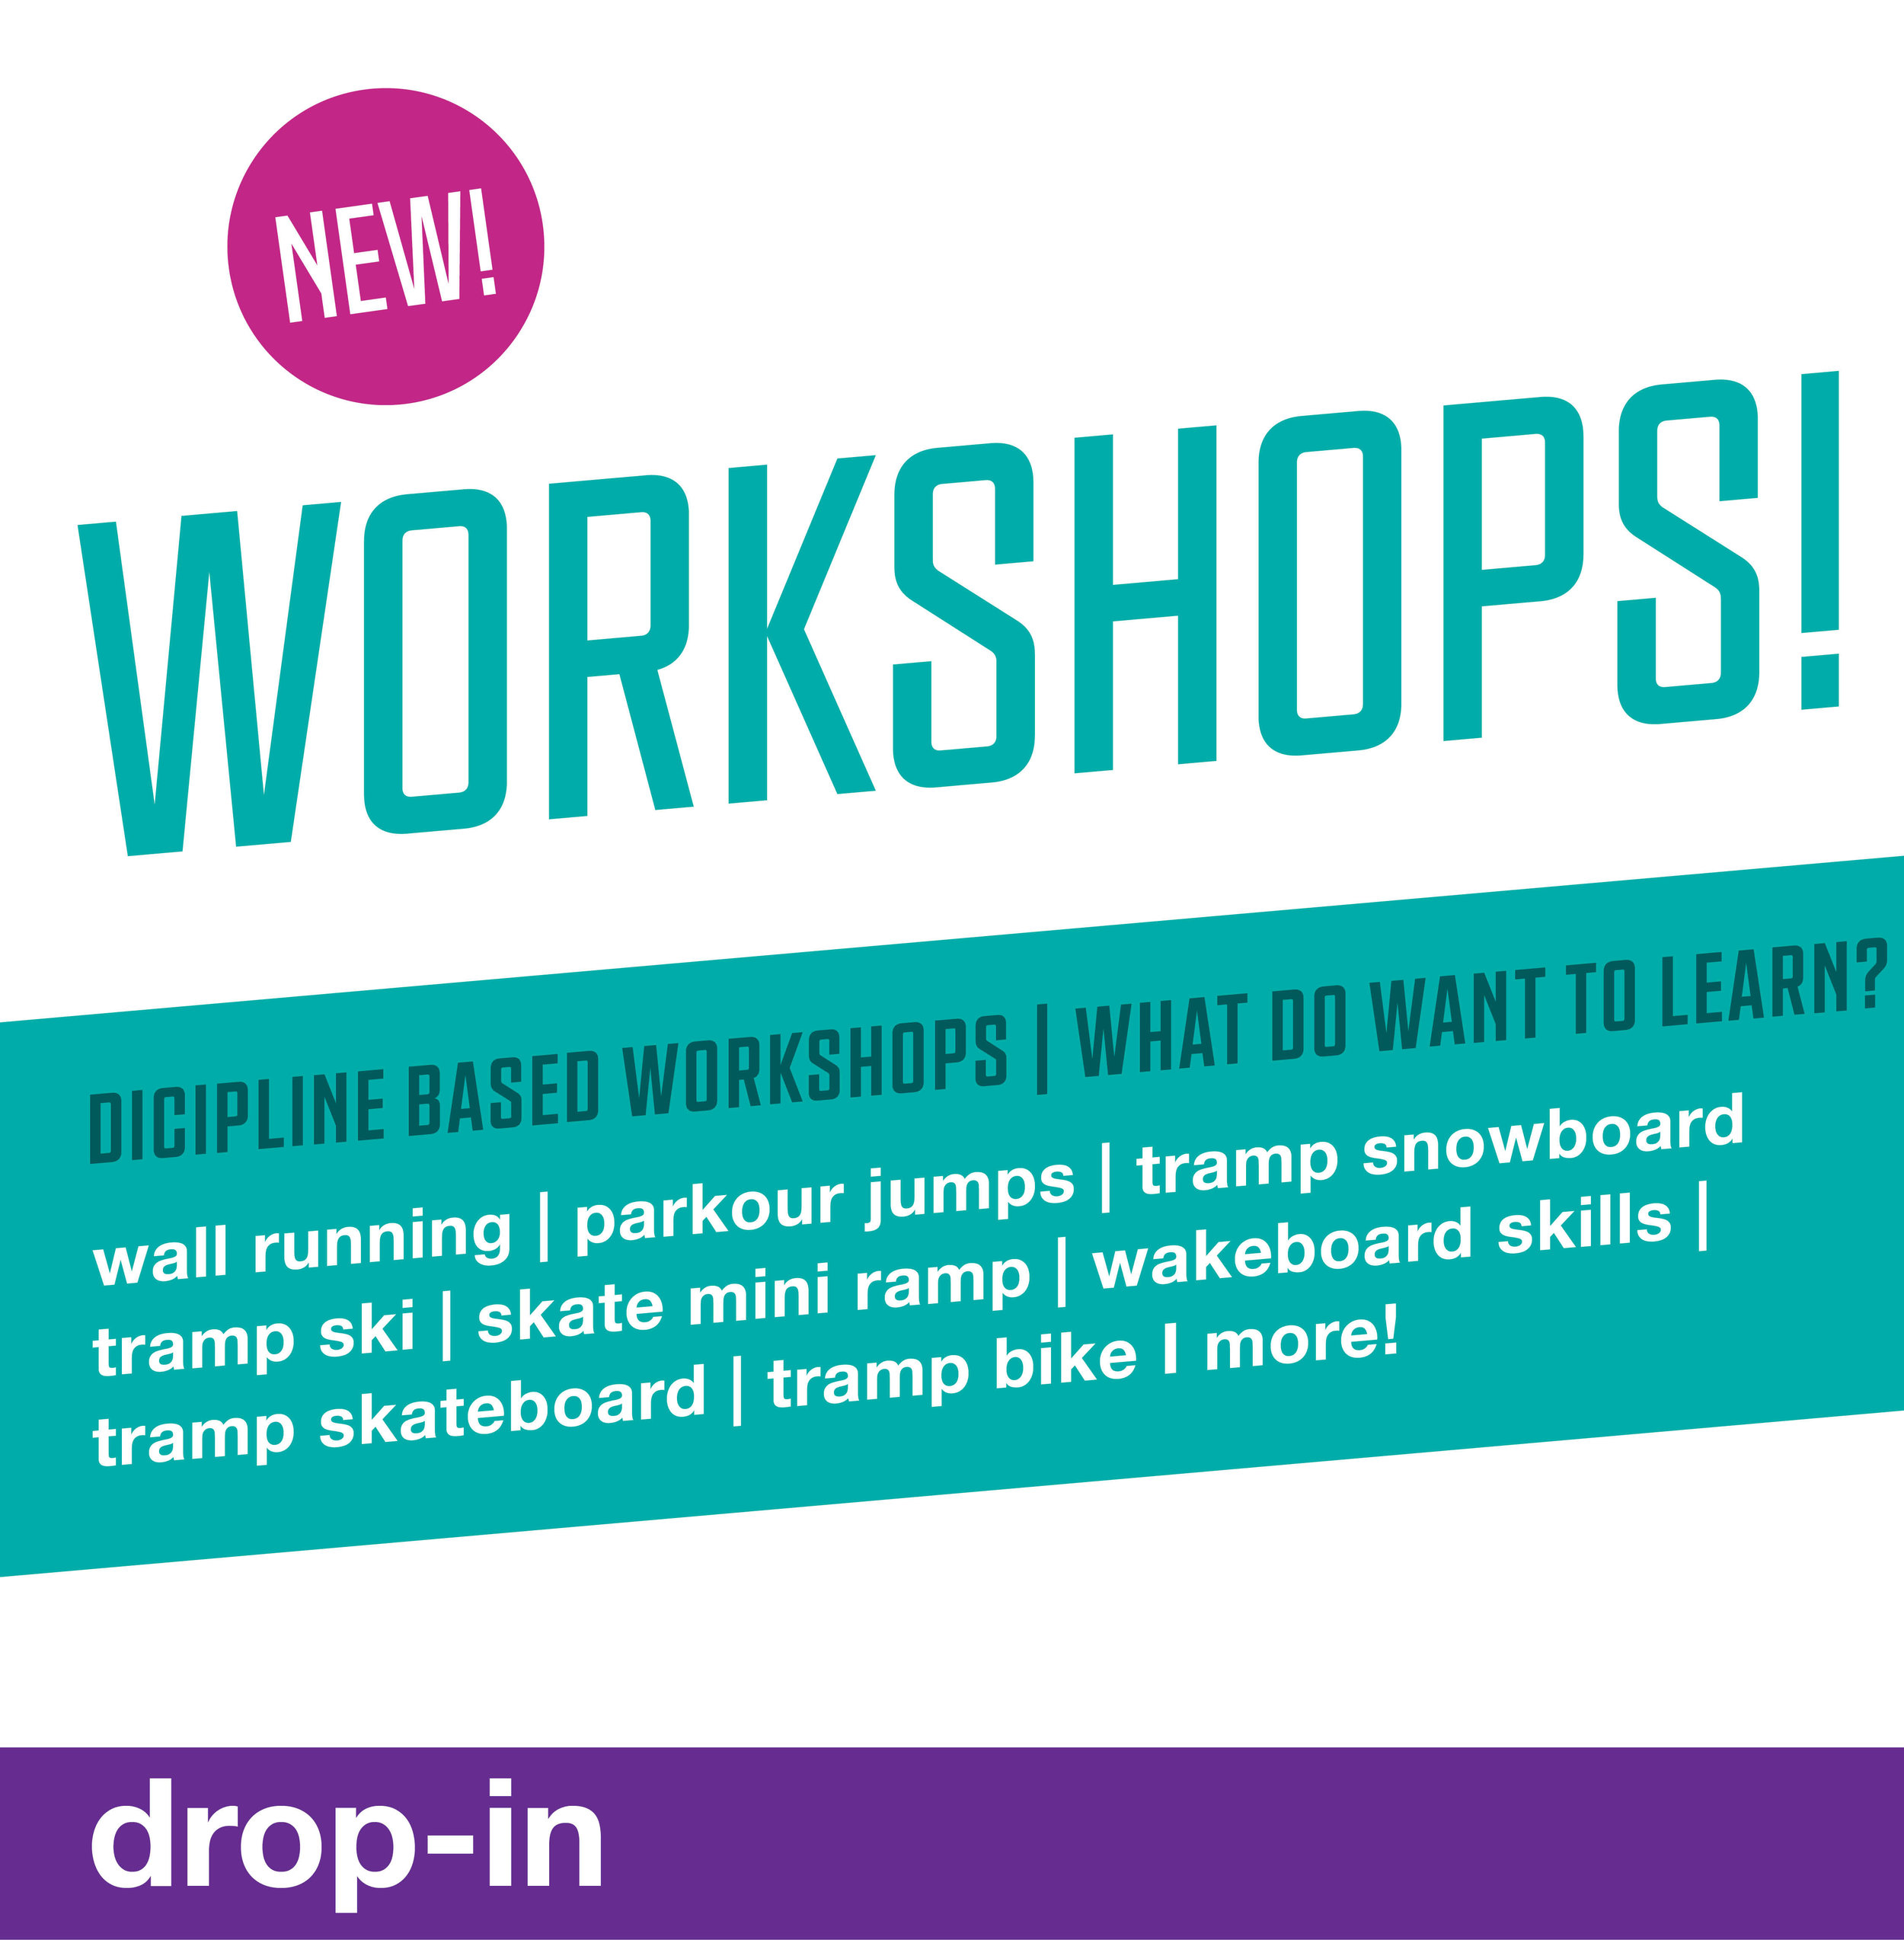 Events Page - NMO KEL Workshops.jpg